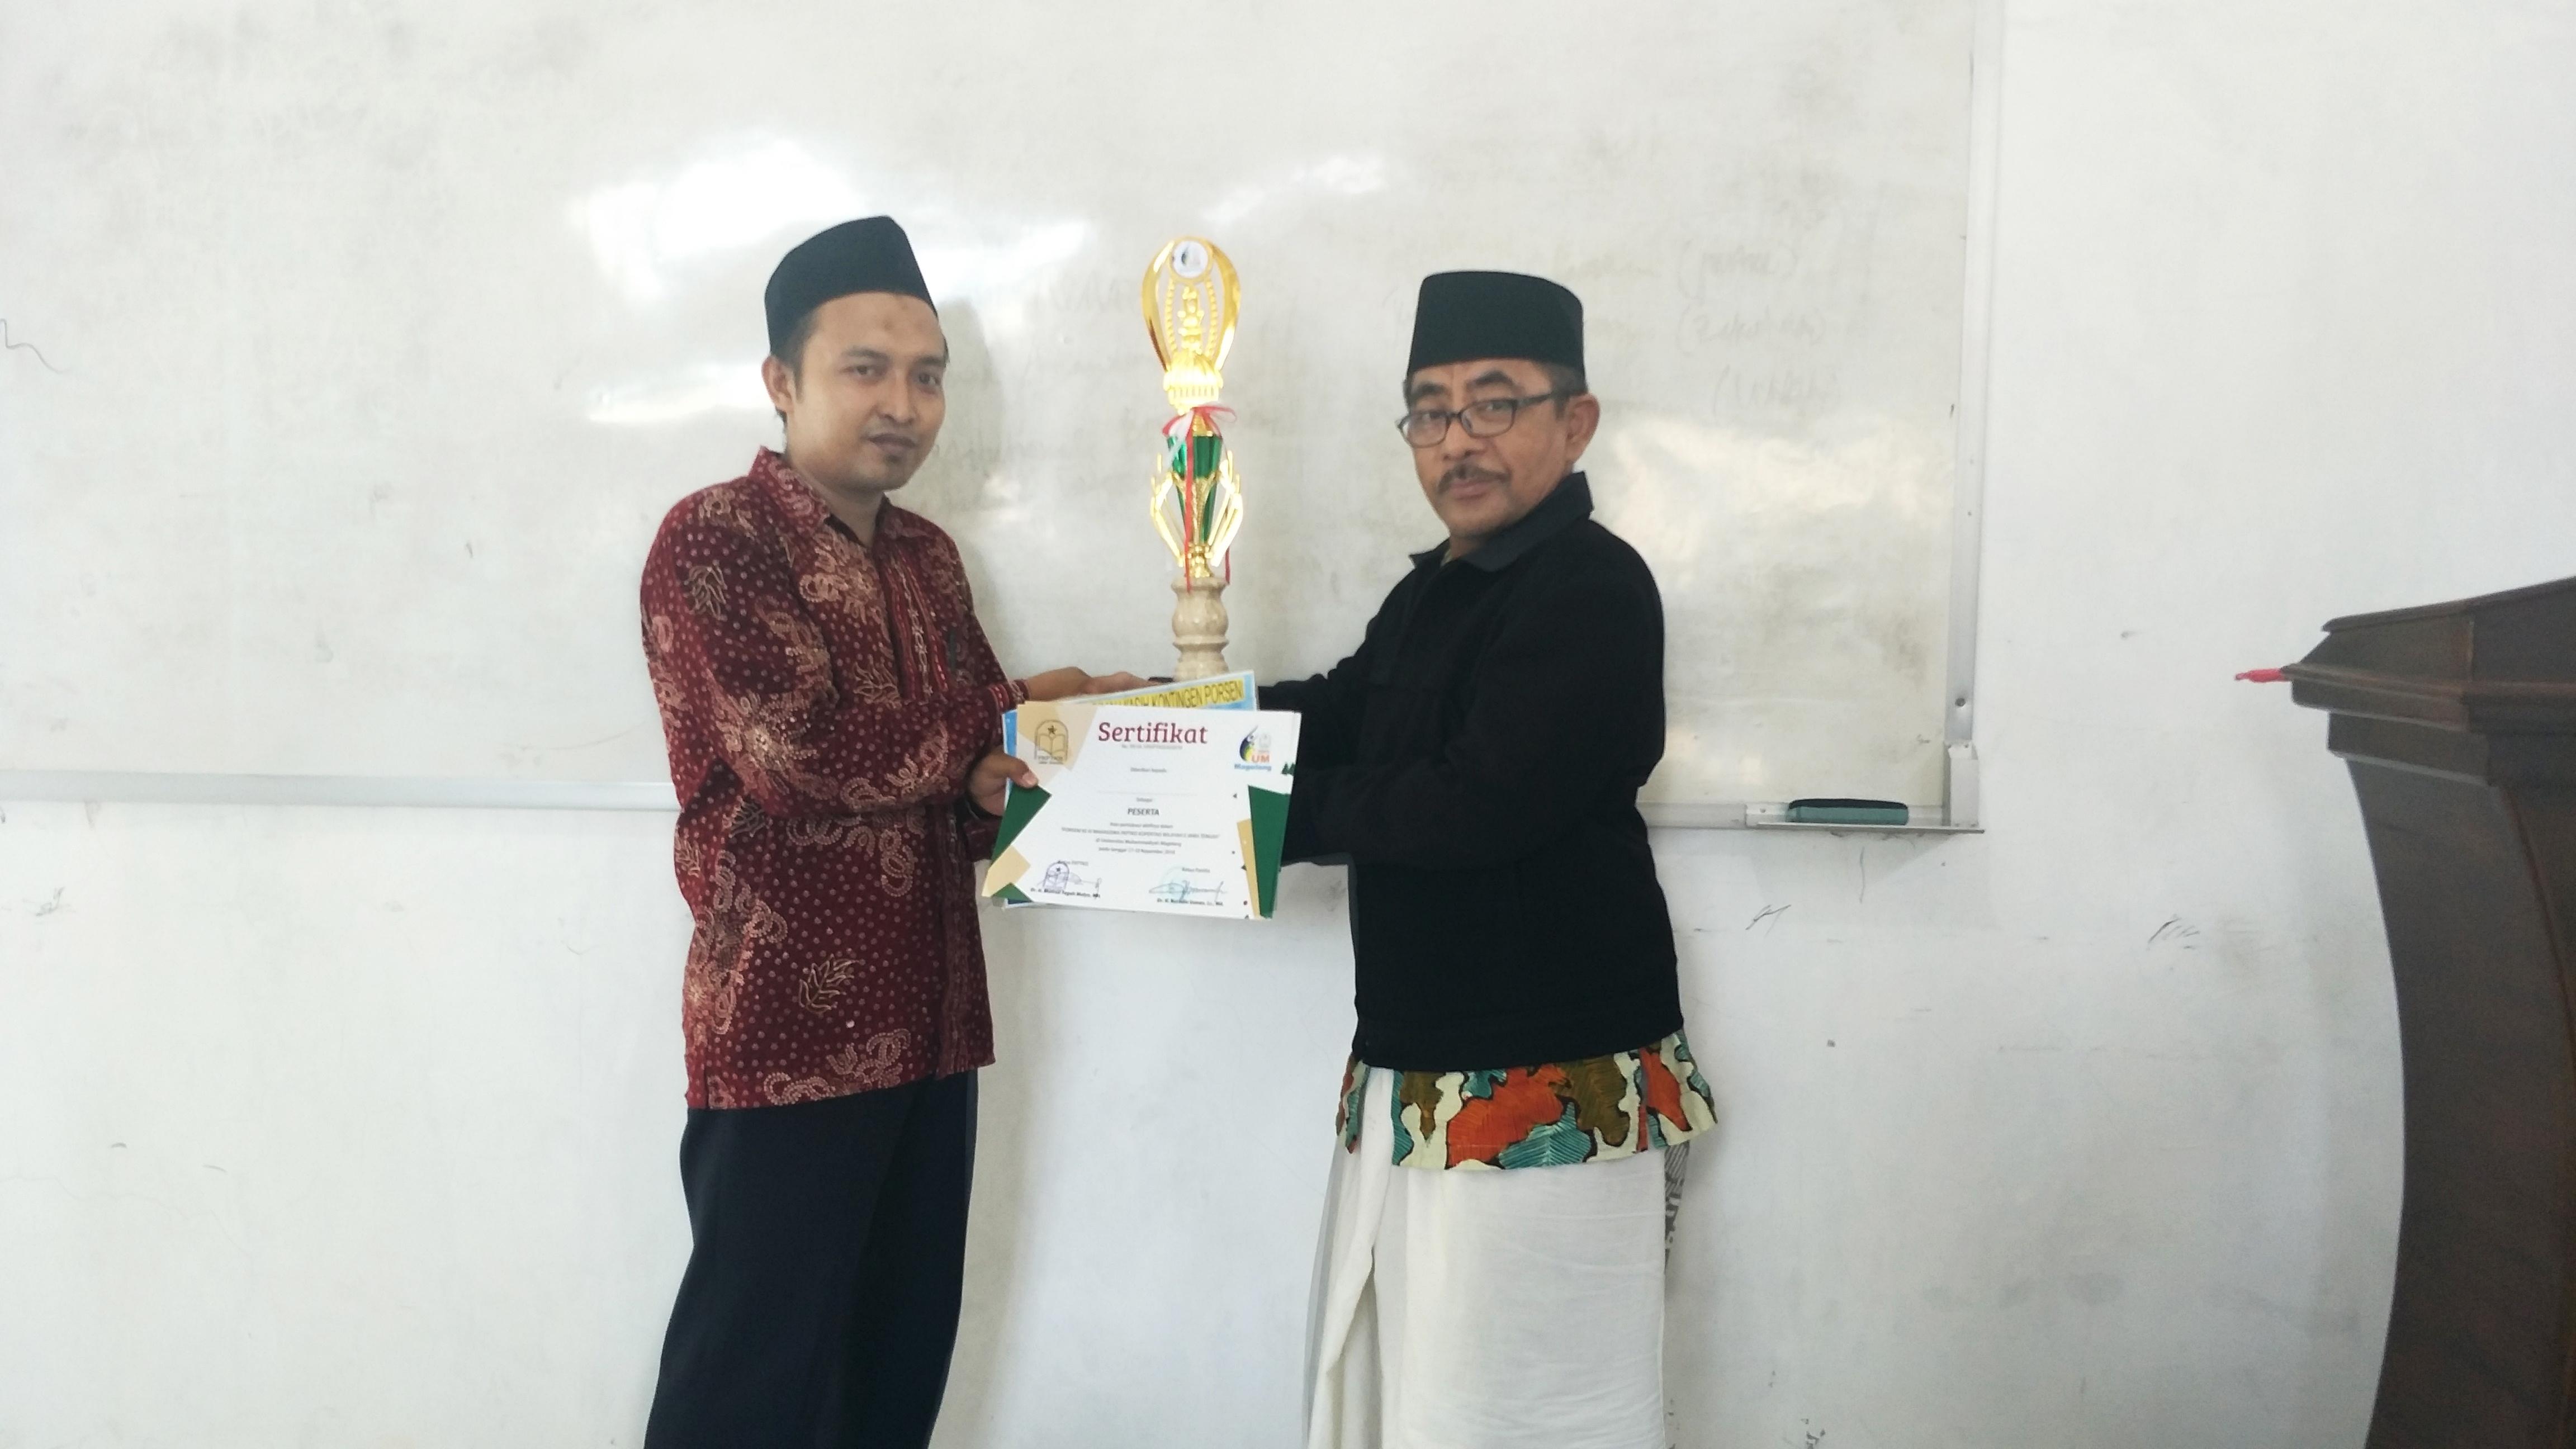 Juara II Baca Kitab tingkat PTKIS di UNMUH Magelang 2018